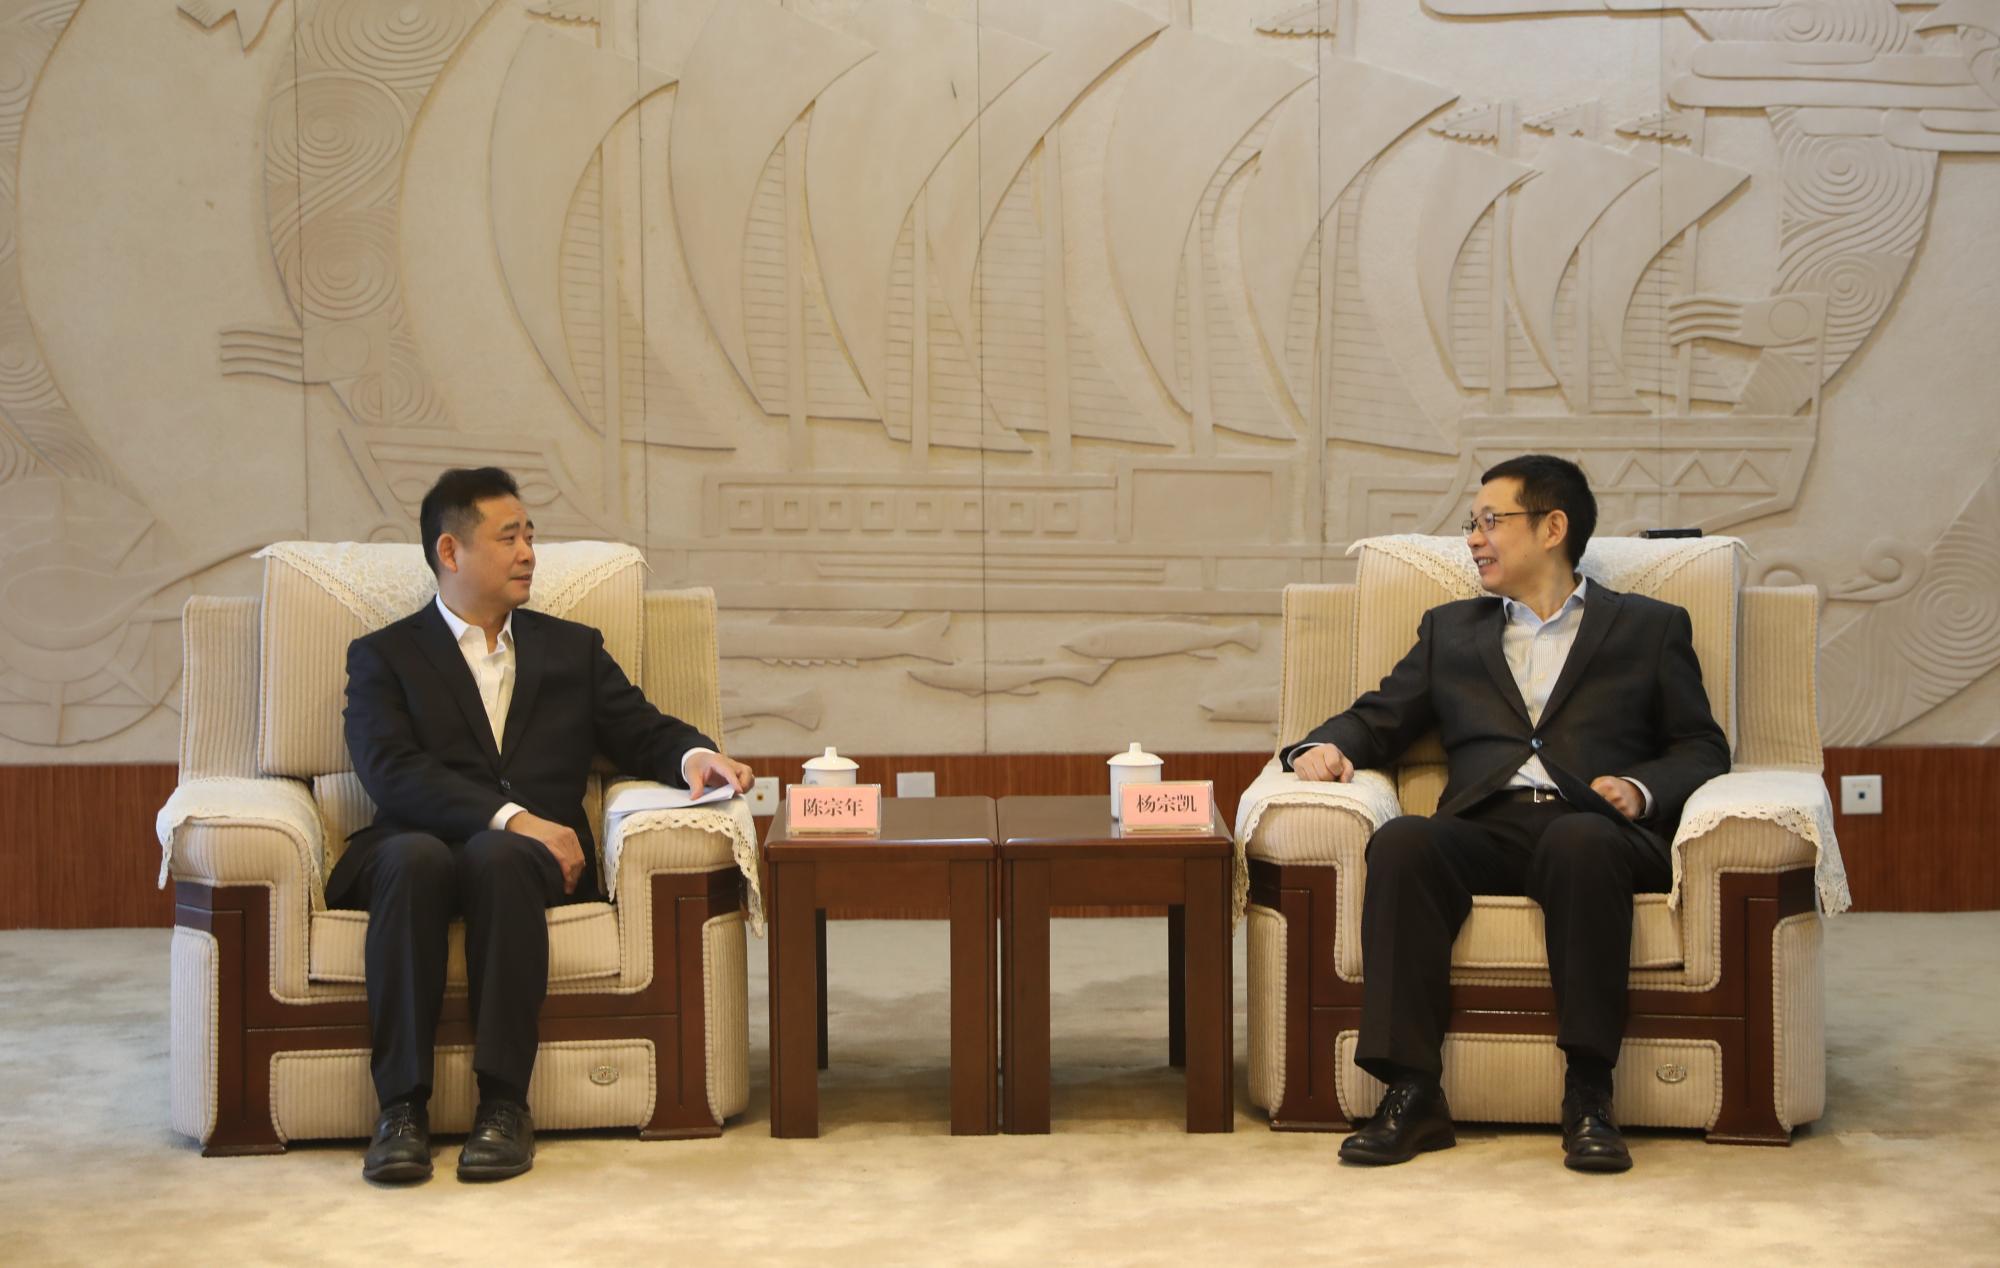 海康威视董事长陈宗年率队到访西电 共商战略合作